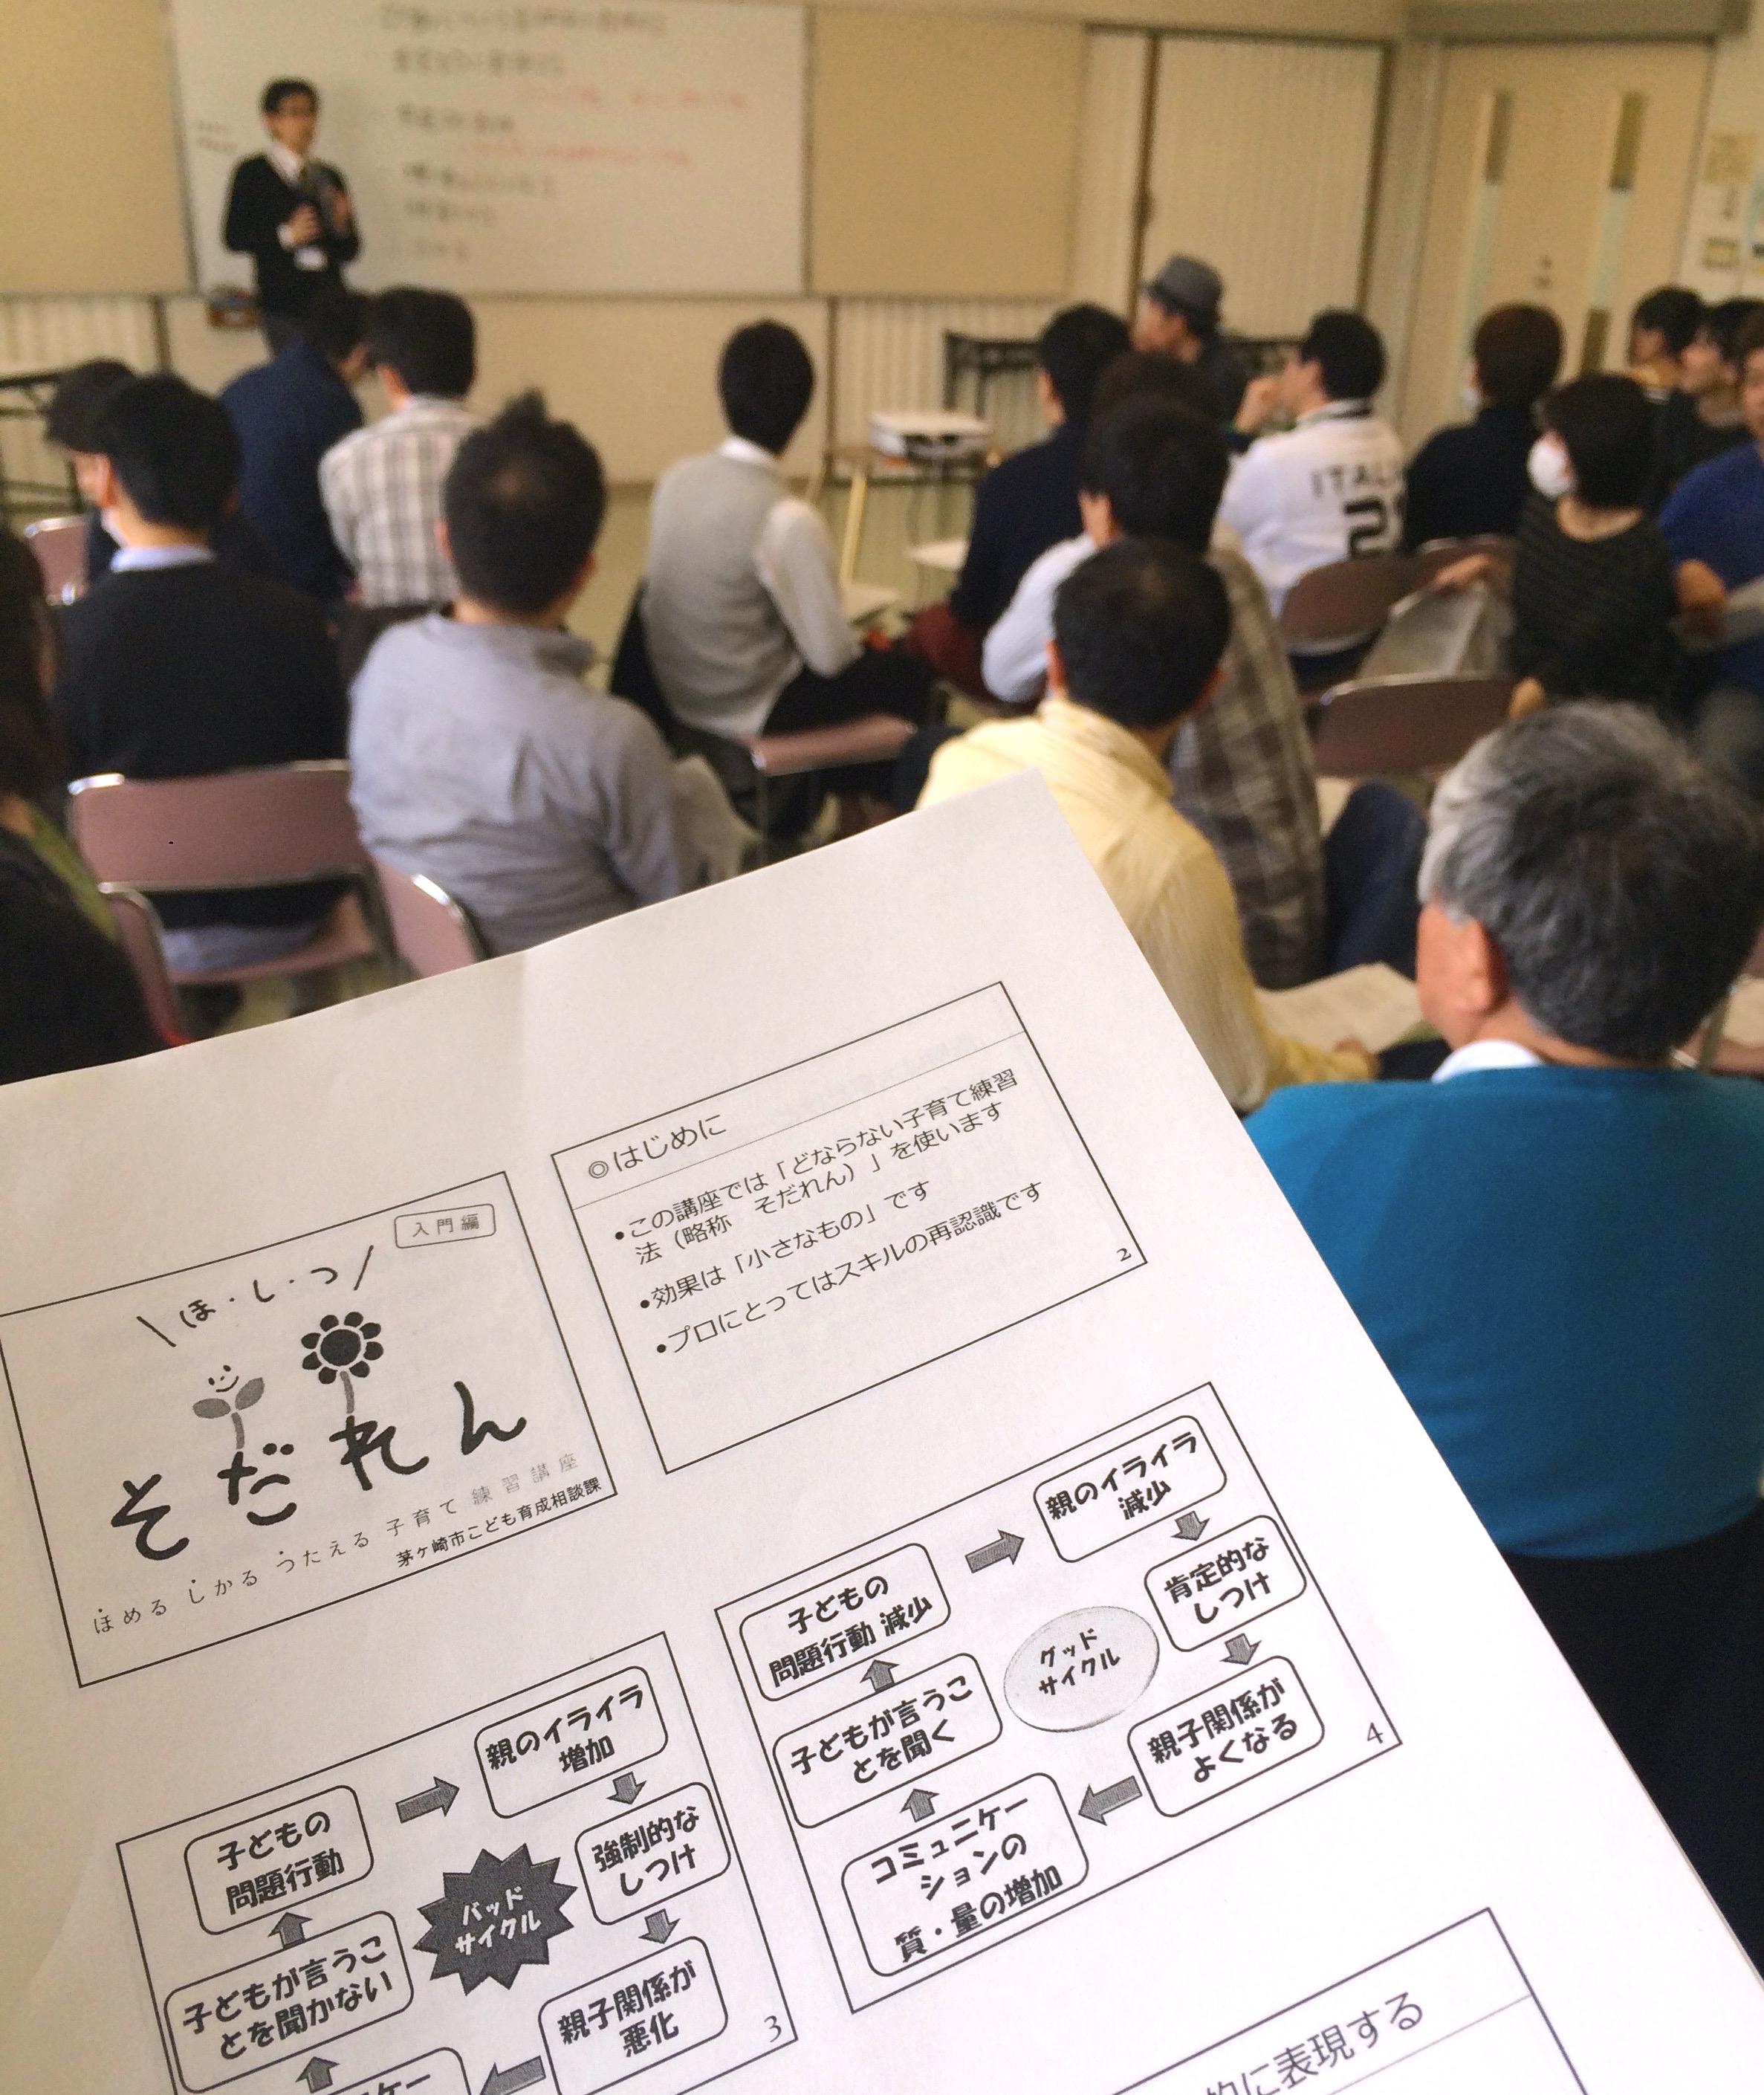 茅ヶ崎でラストのパパ講座〜イクメンの二極化に対応すべし